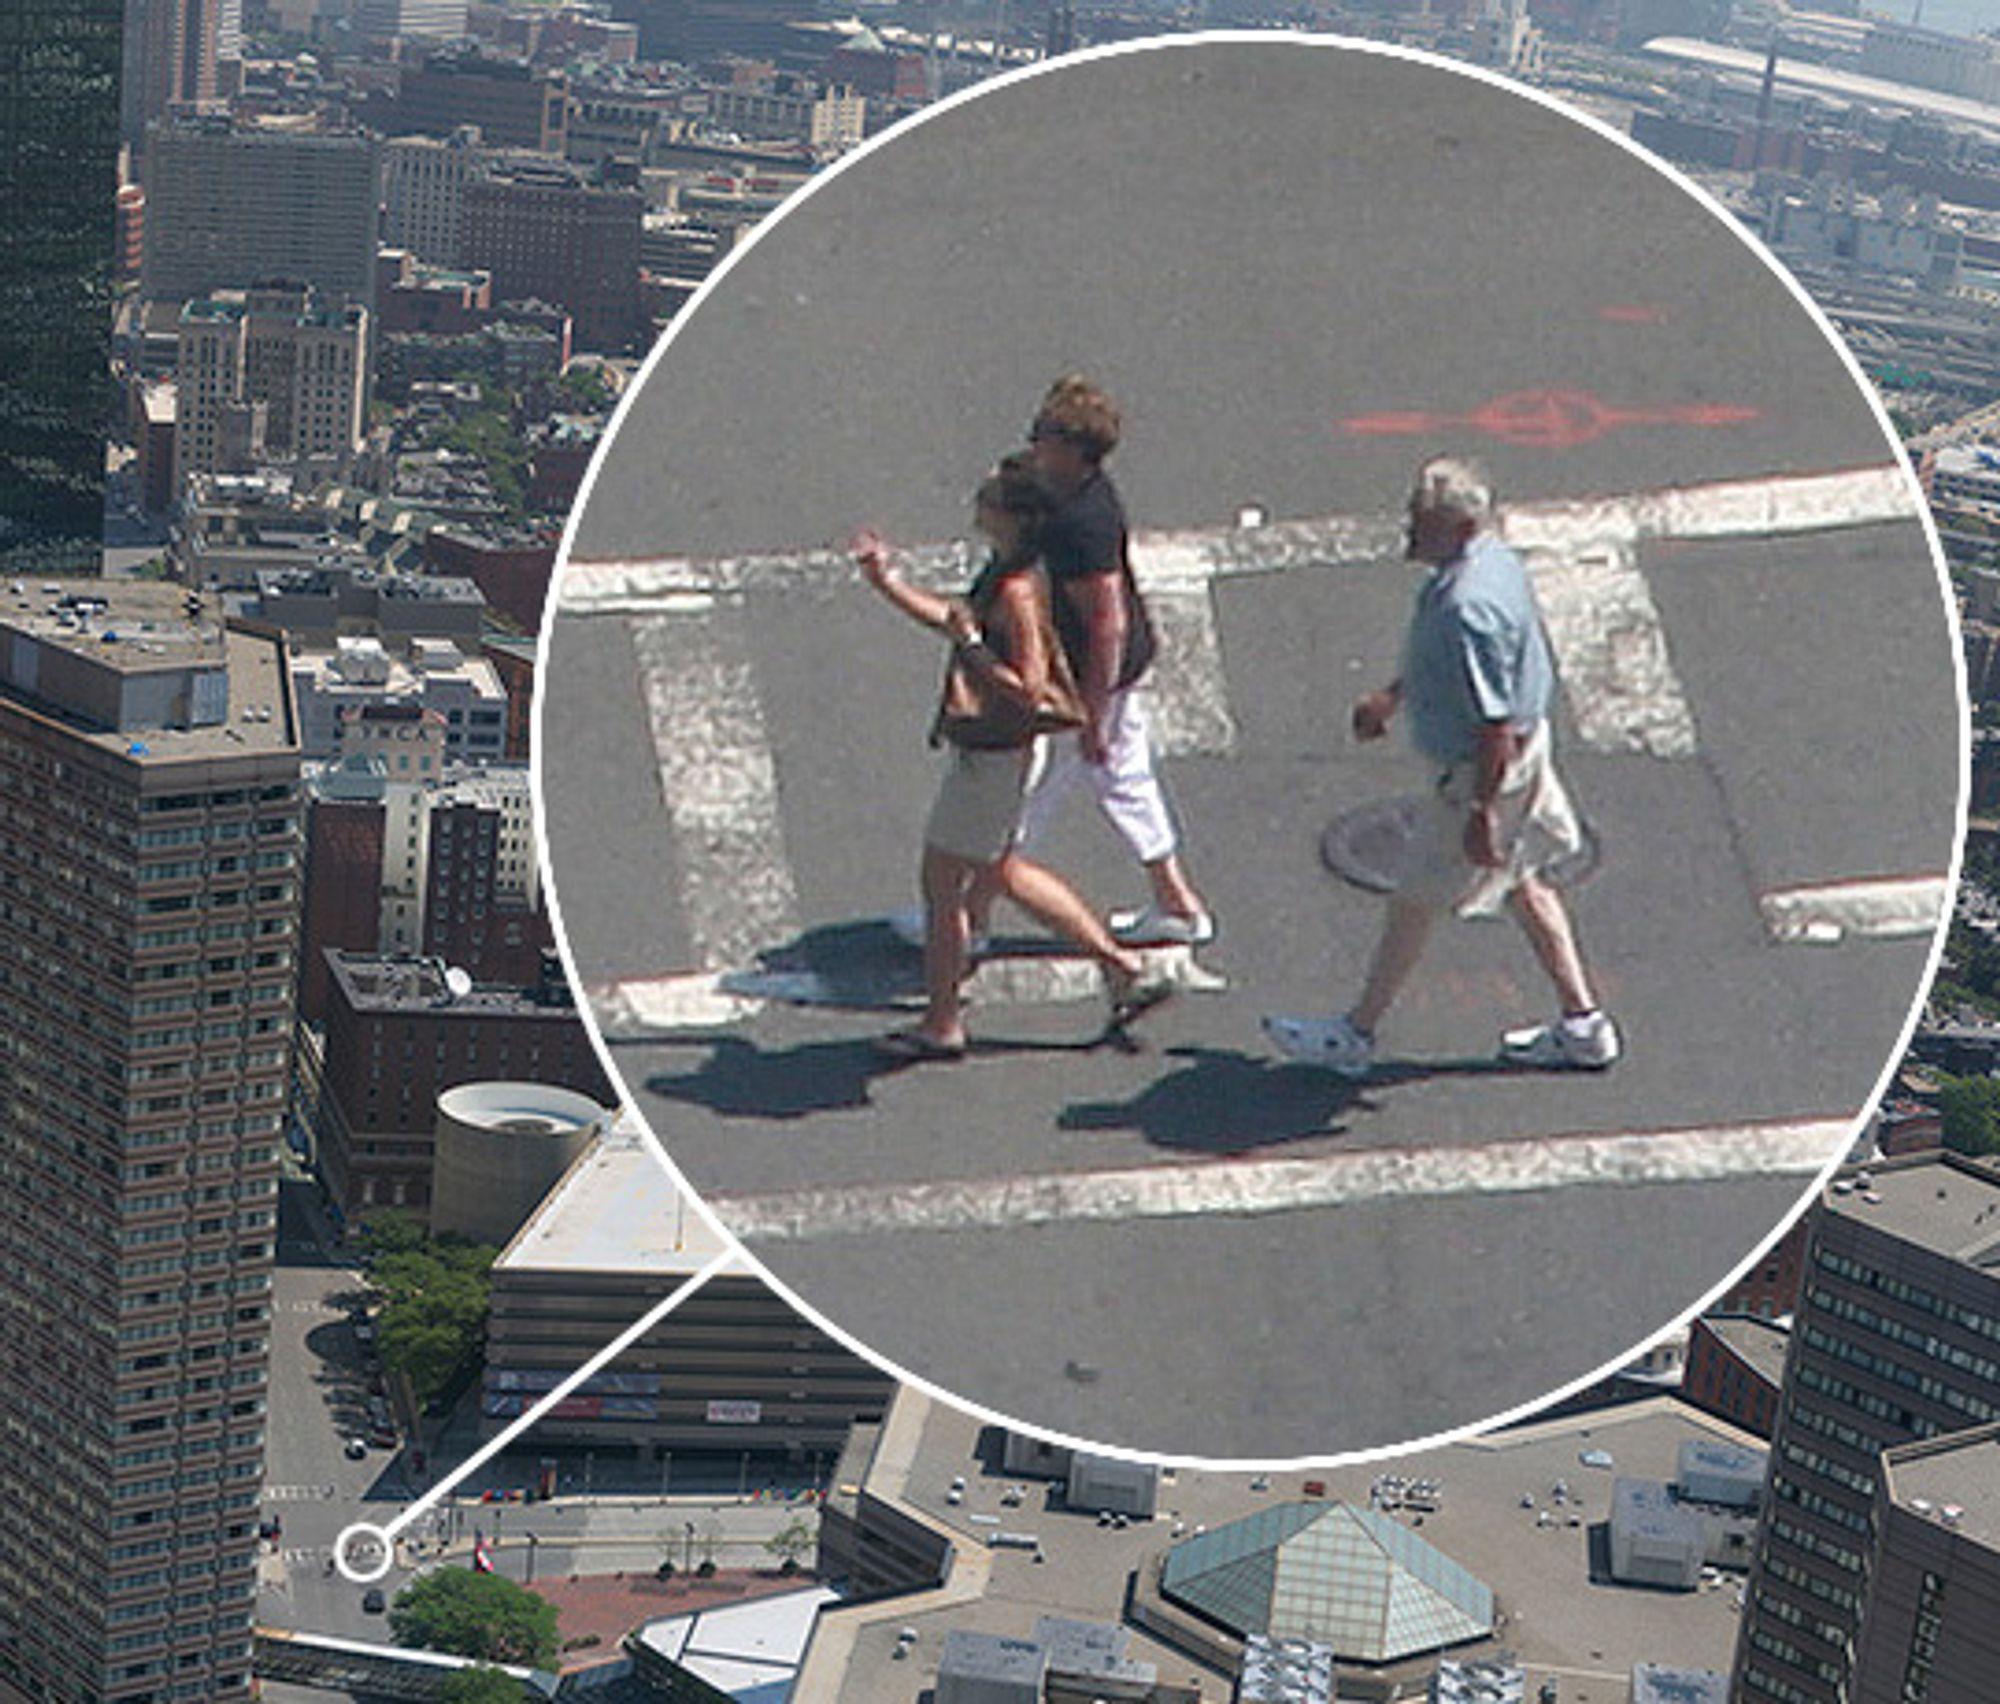 xRez Studios: Boston sett fra Prudential Tower (utsnitt). Pikselbredde: 75000, antall eksponeringer: 612. 3,2 Gigapiksler.